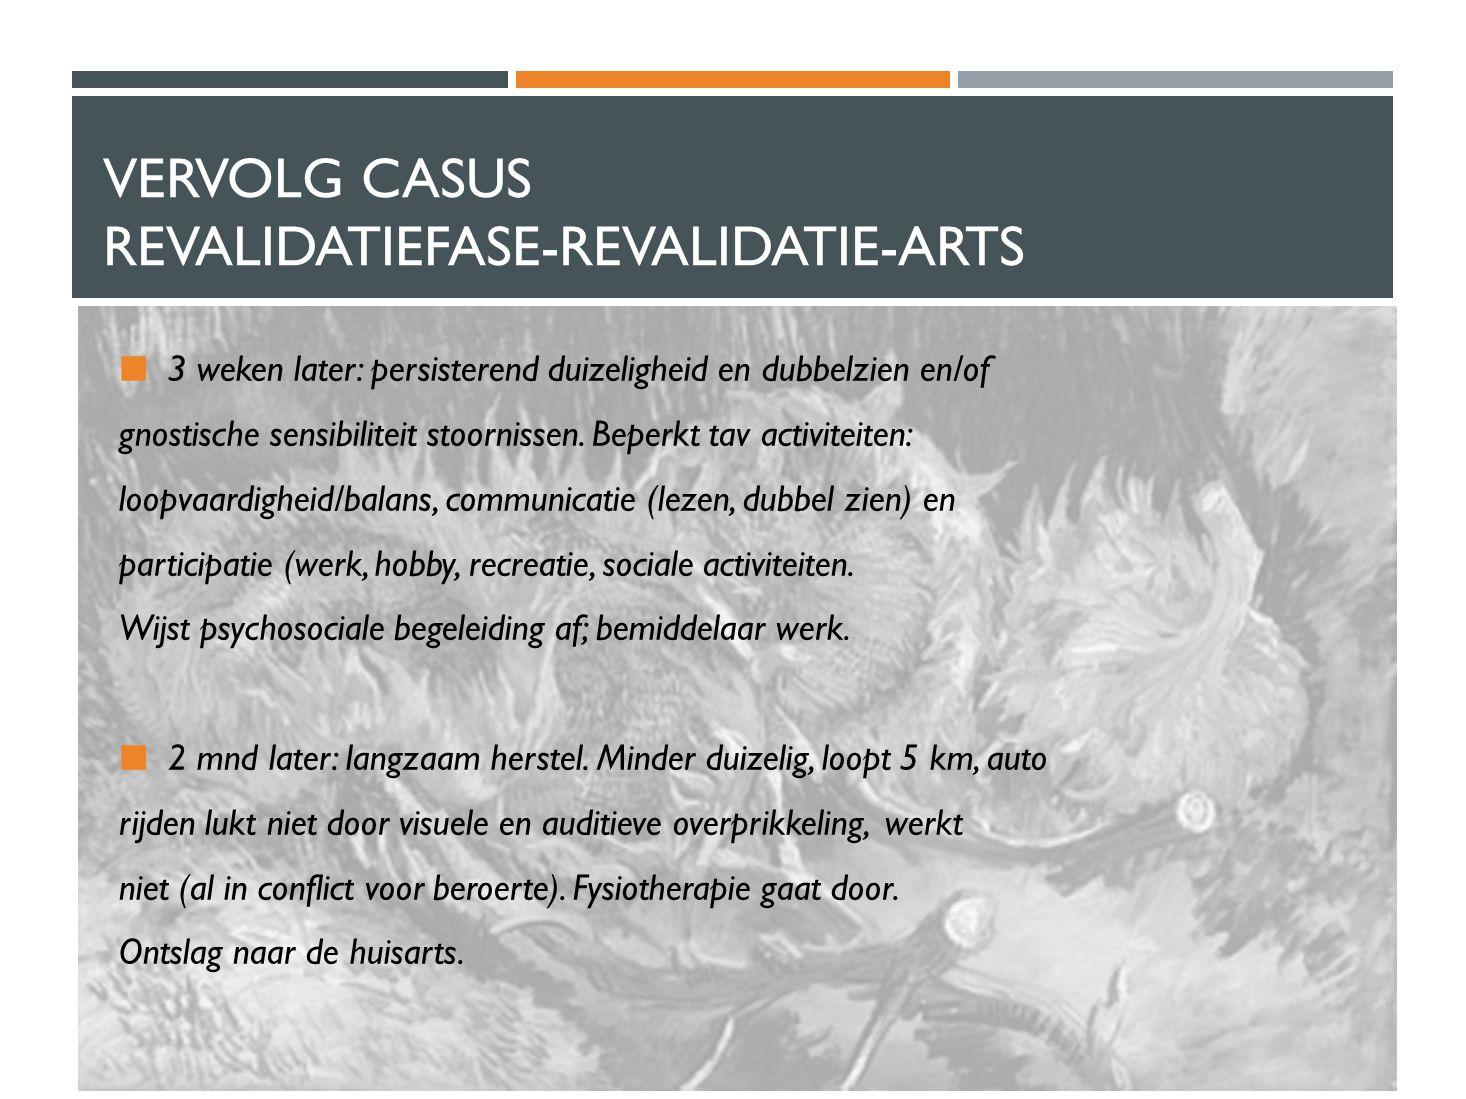 VERVOLG CASUS REVALIDATIEFASE-REVALIDATIE-ARTS 3 weken later: persisterend duizeligheid en dubbelzien en/of gnostische sensibiliteit stoornissen. Bepe